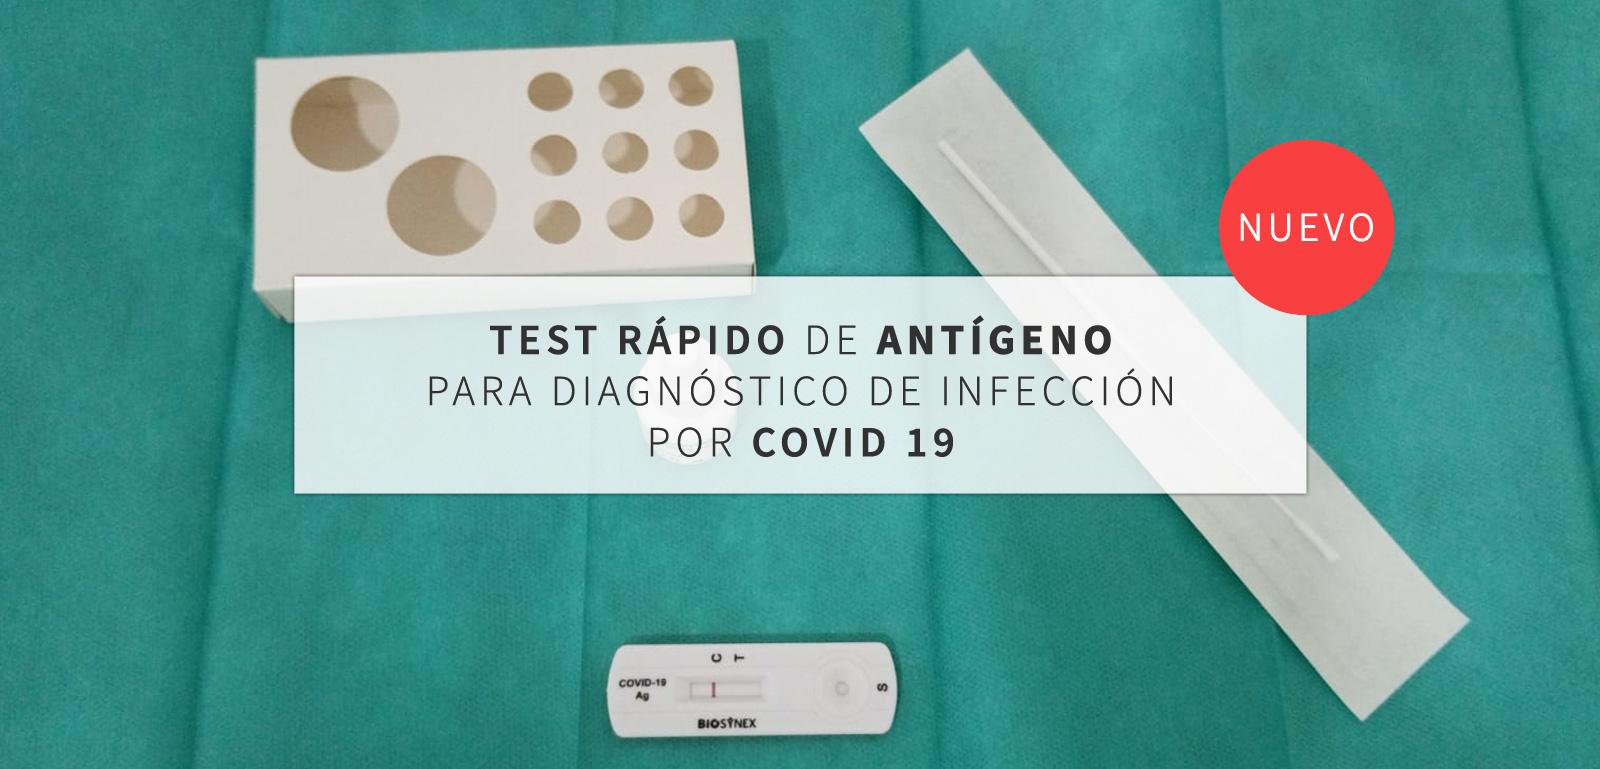 Test rápido antígeno para diagnóstico de infección por COVID 19